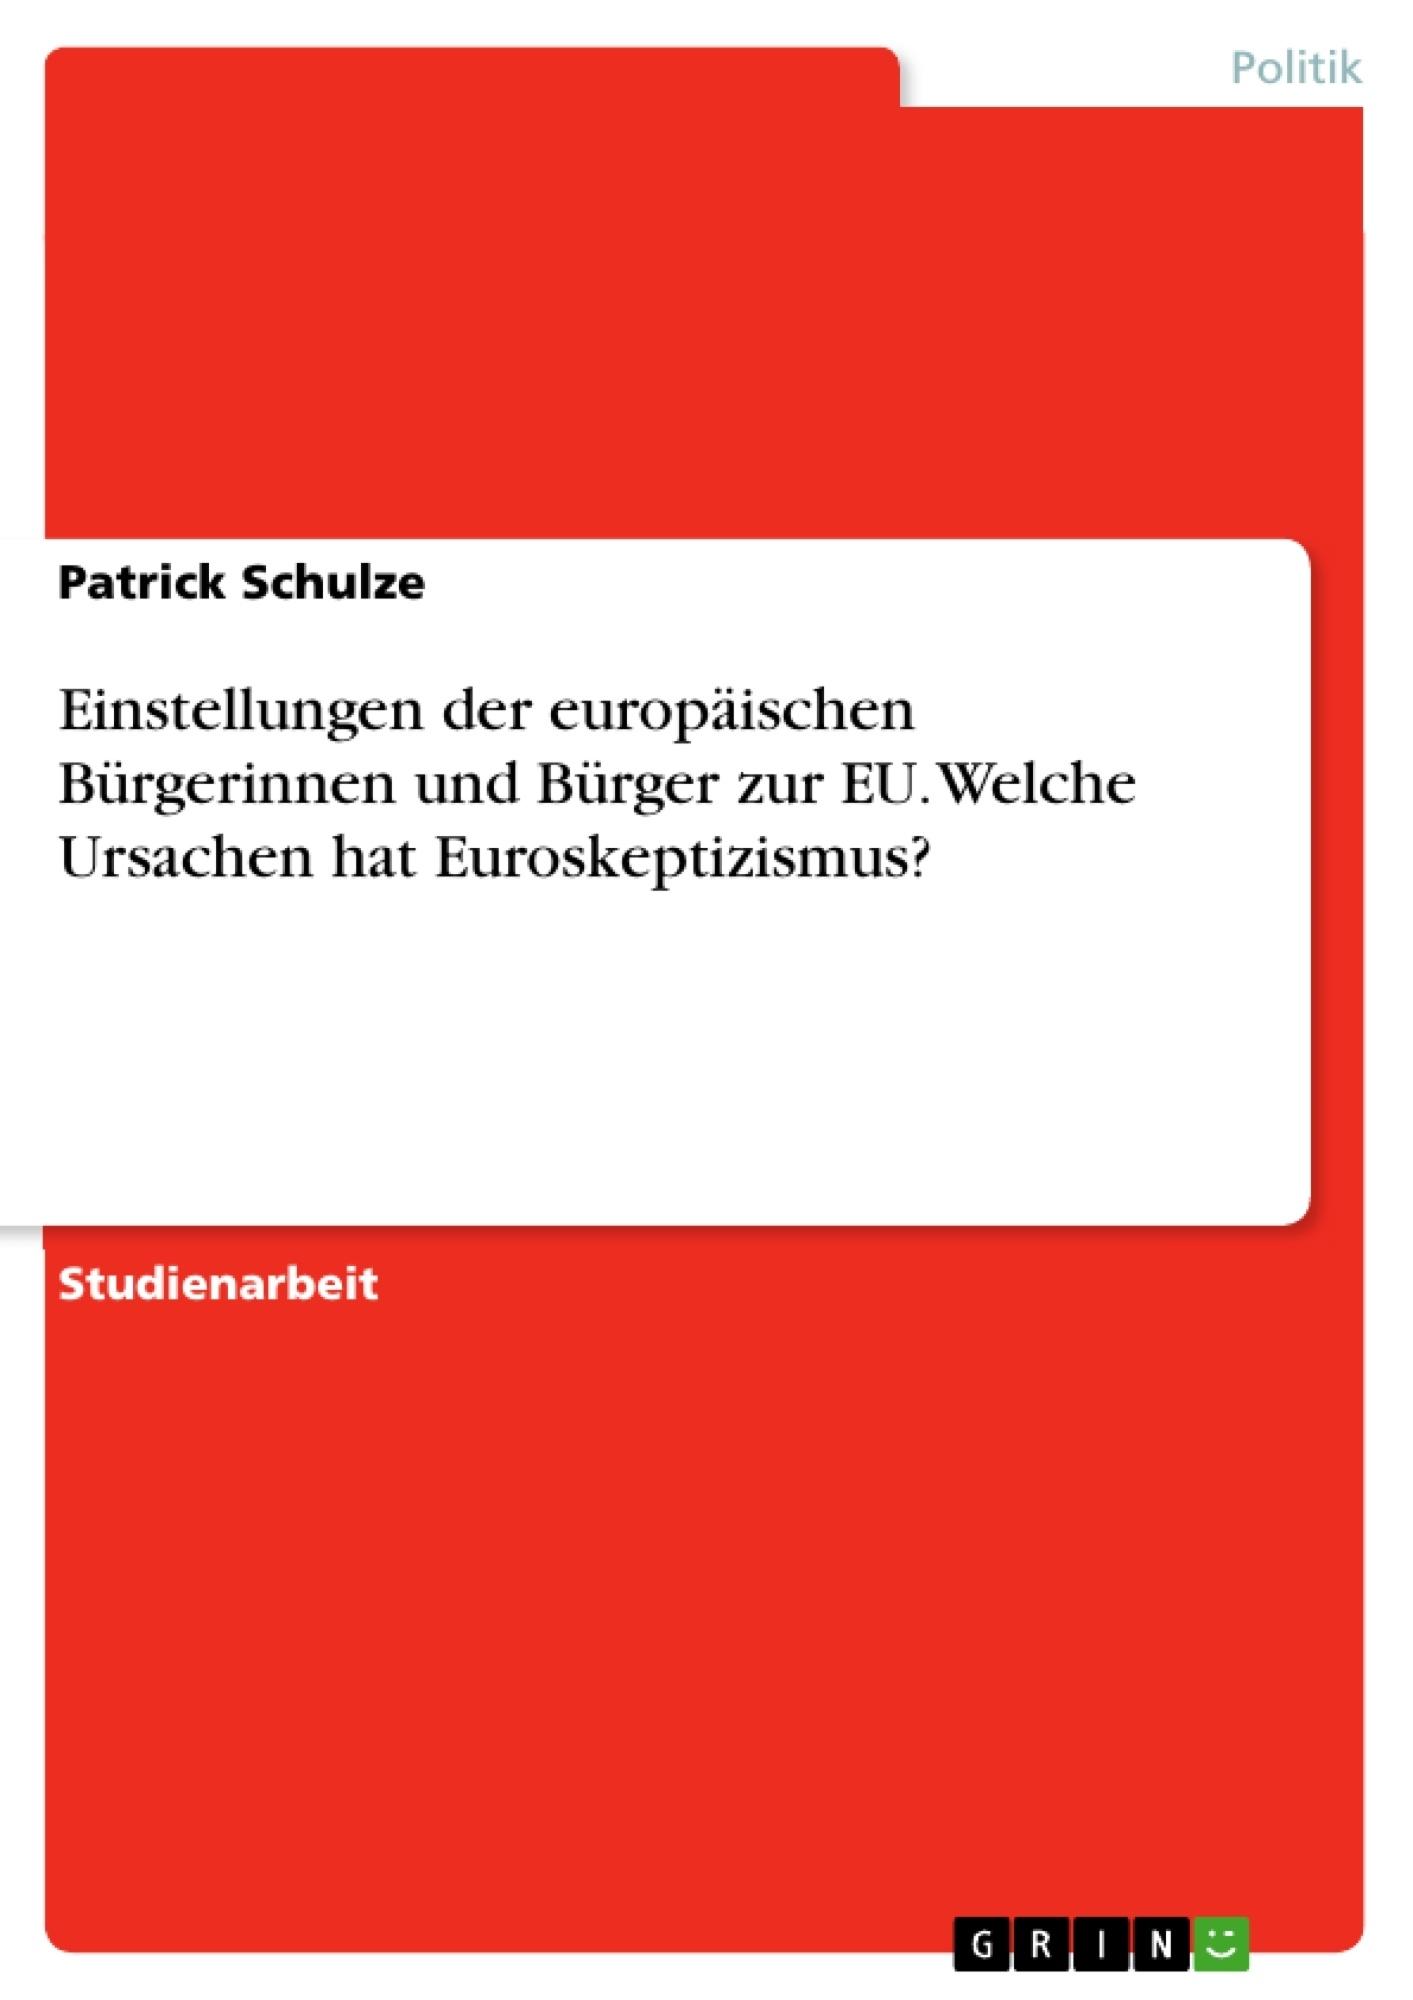 Titel: Einstellungen der europäischen Bürgerinnen und Bürger zur EU. Welche Ursachen hat Euroskeptizismus?